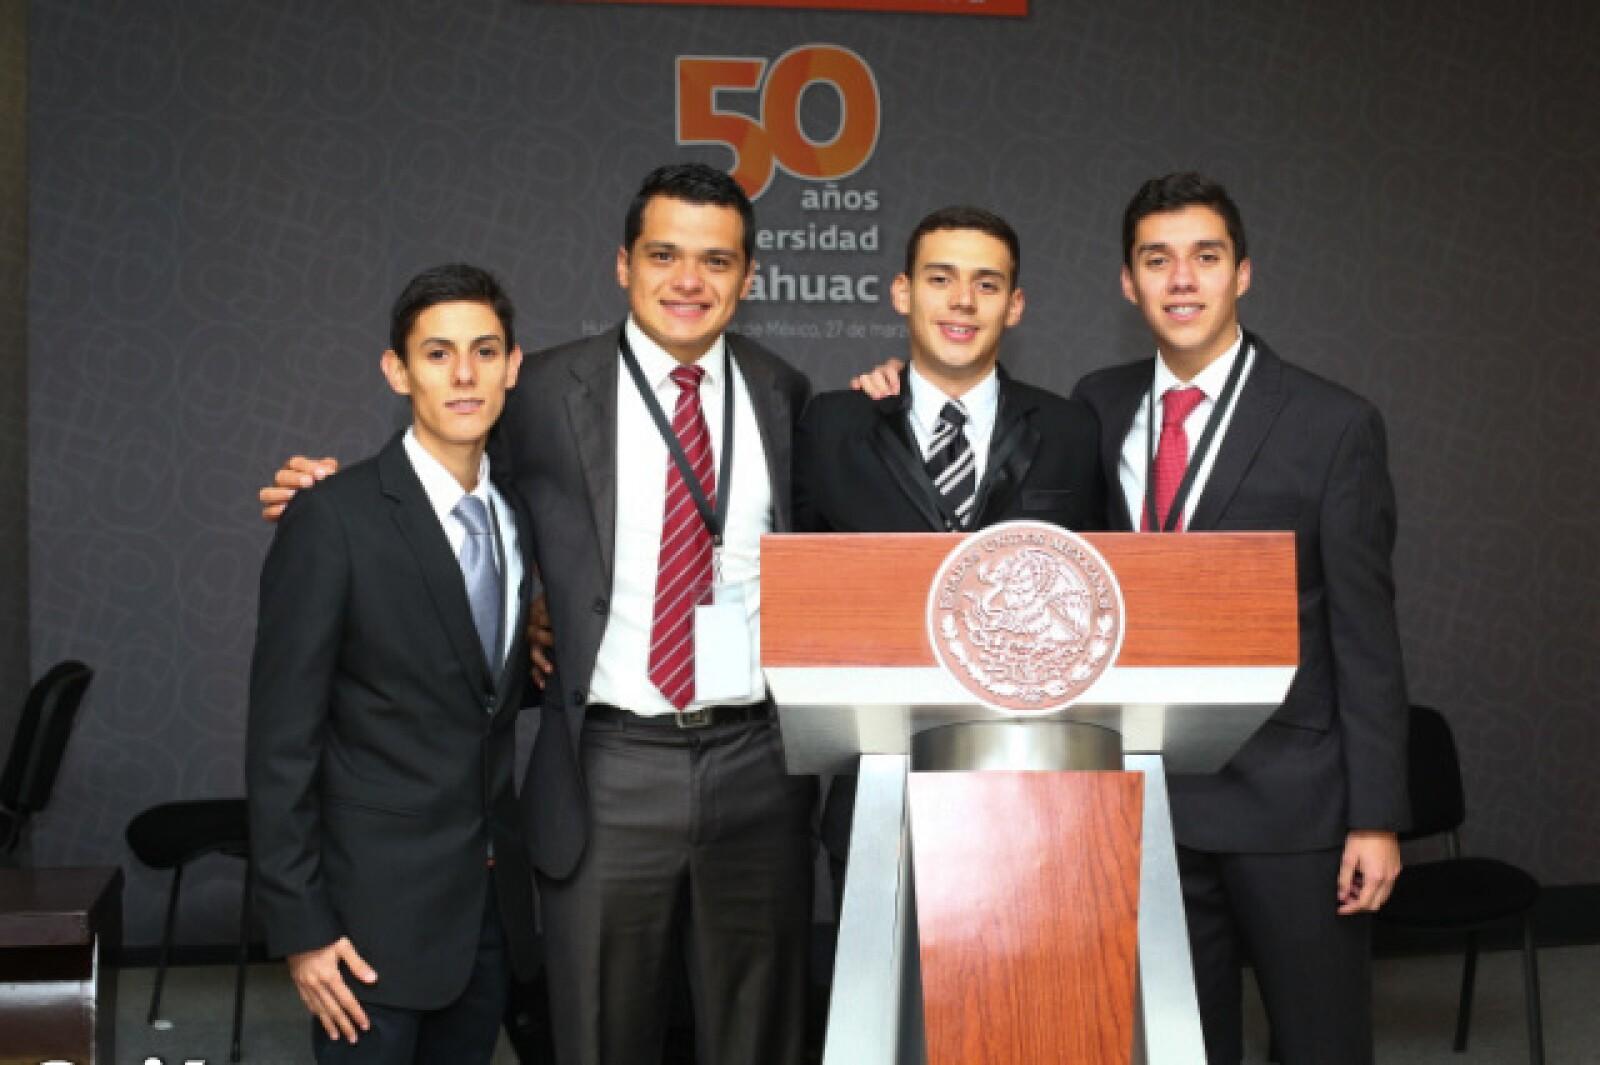 Alonso Rosales, Kevin Ramírez, Joel Gómez y Juan Pablo Vázquez.